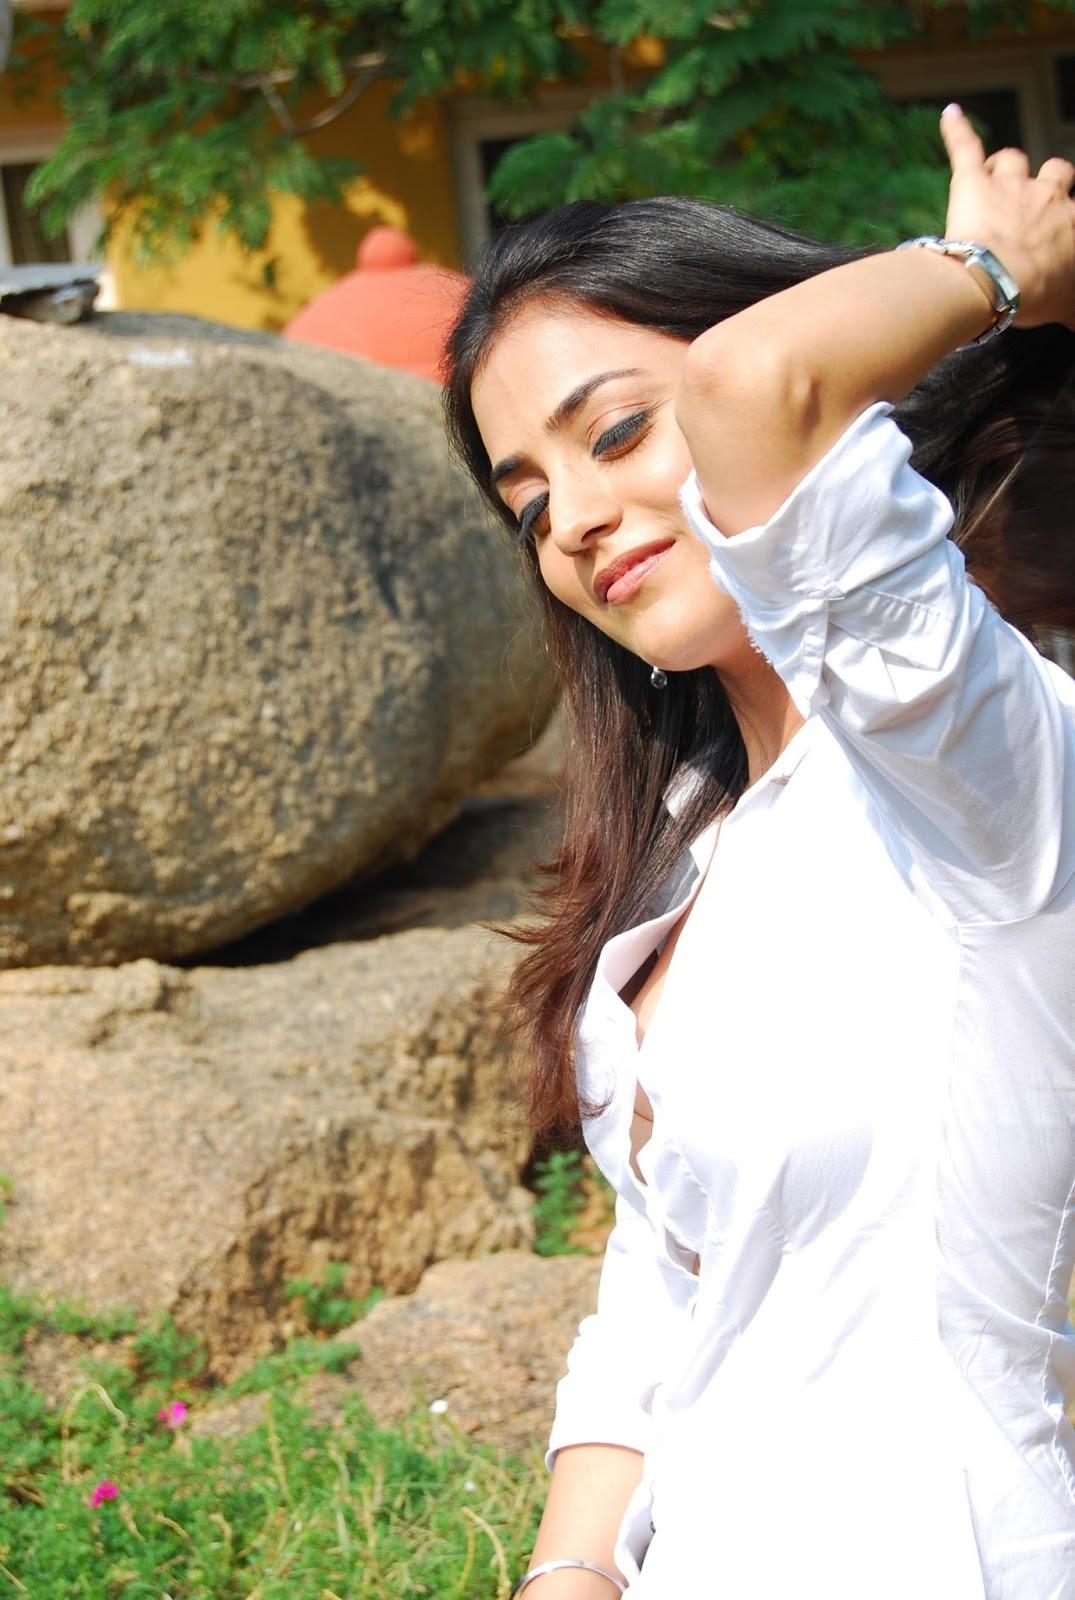 Nisha agarwal various image collection